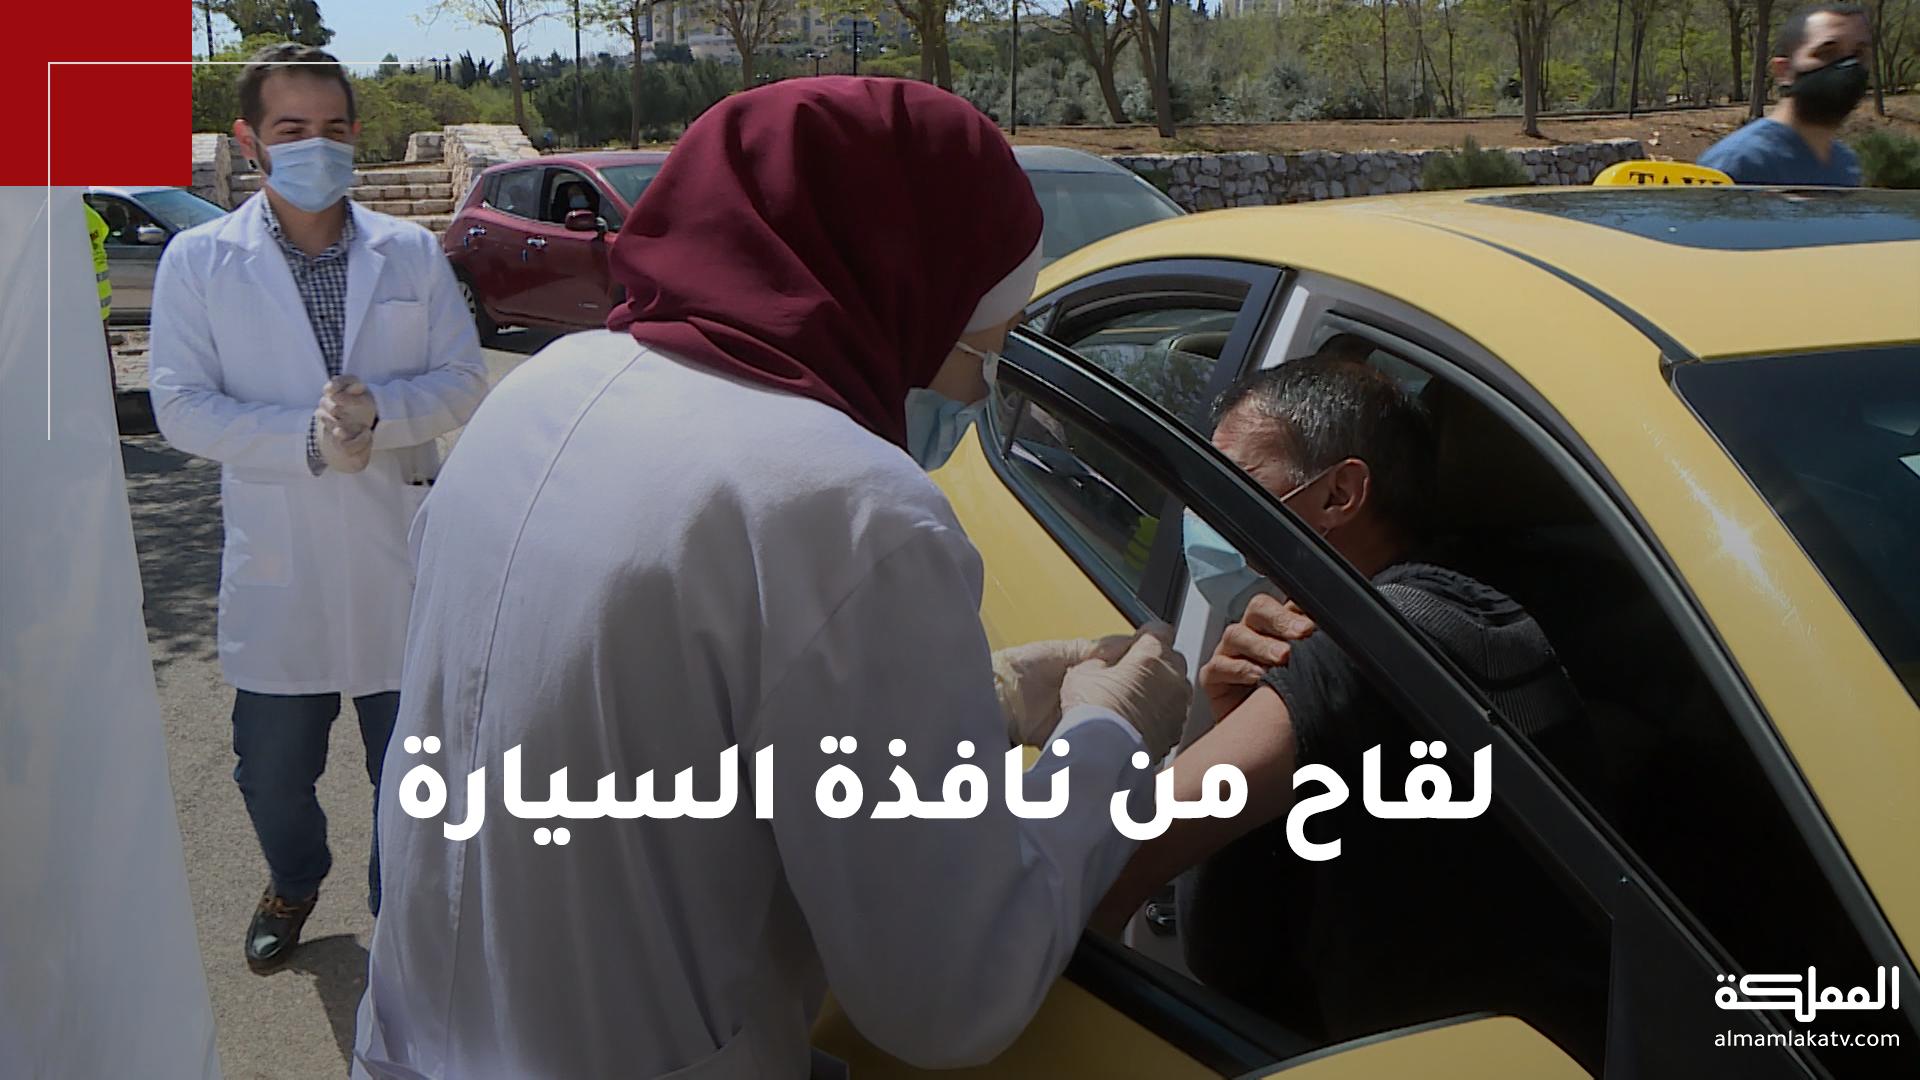 """وزارة الصحة تبدأ بتقديم خدمة """"الدرايف ثرو"""" لتلقي اللقاحات دون الحاجة للنزول من المركبات"""